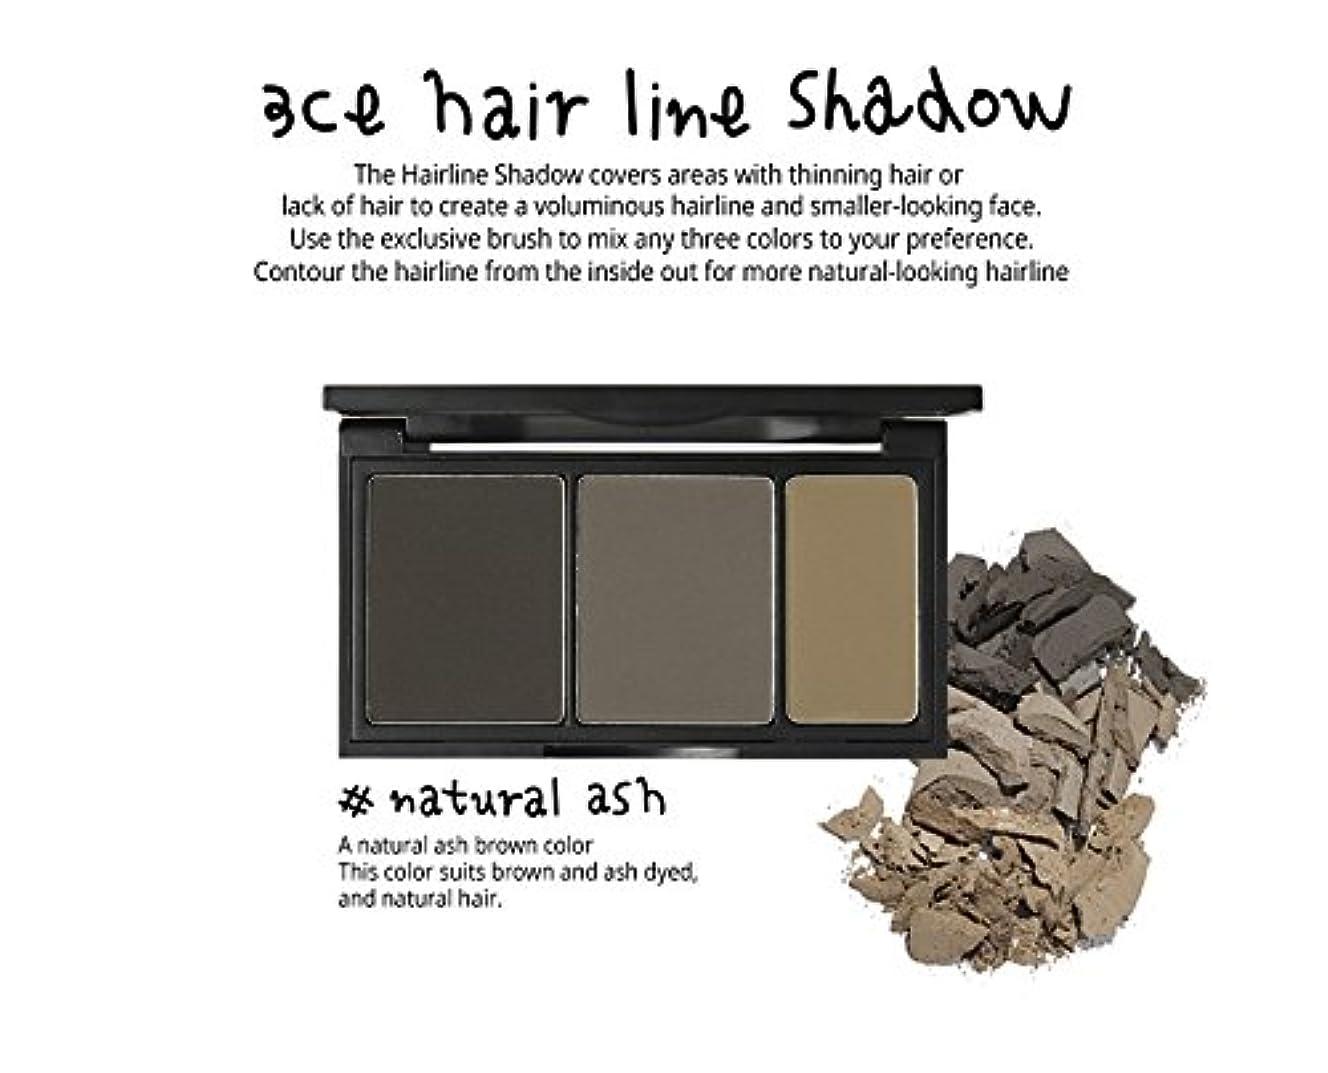 スケルトン彼女のリラックスした3 Concept Eyes 3CE Hair Line Shadow ヘアラインシャドー(Natural Ash)